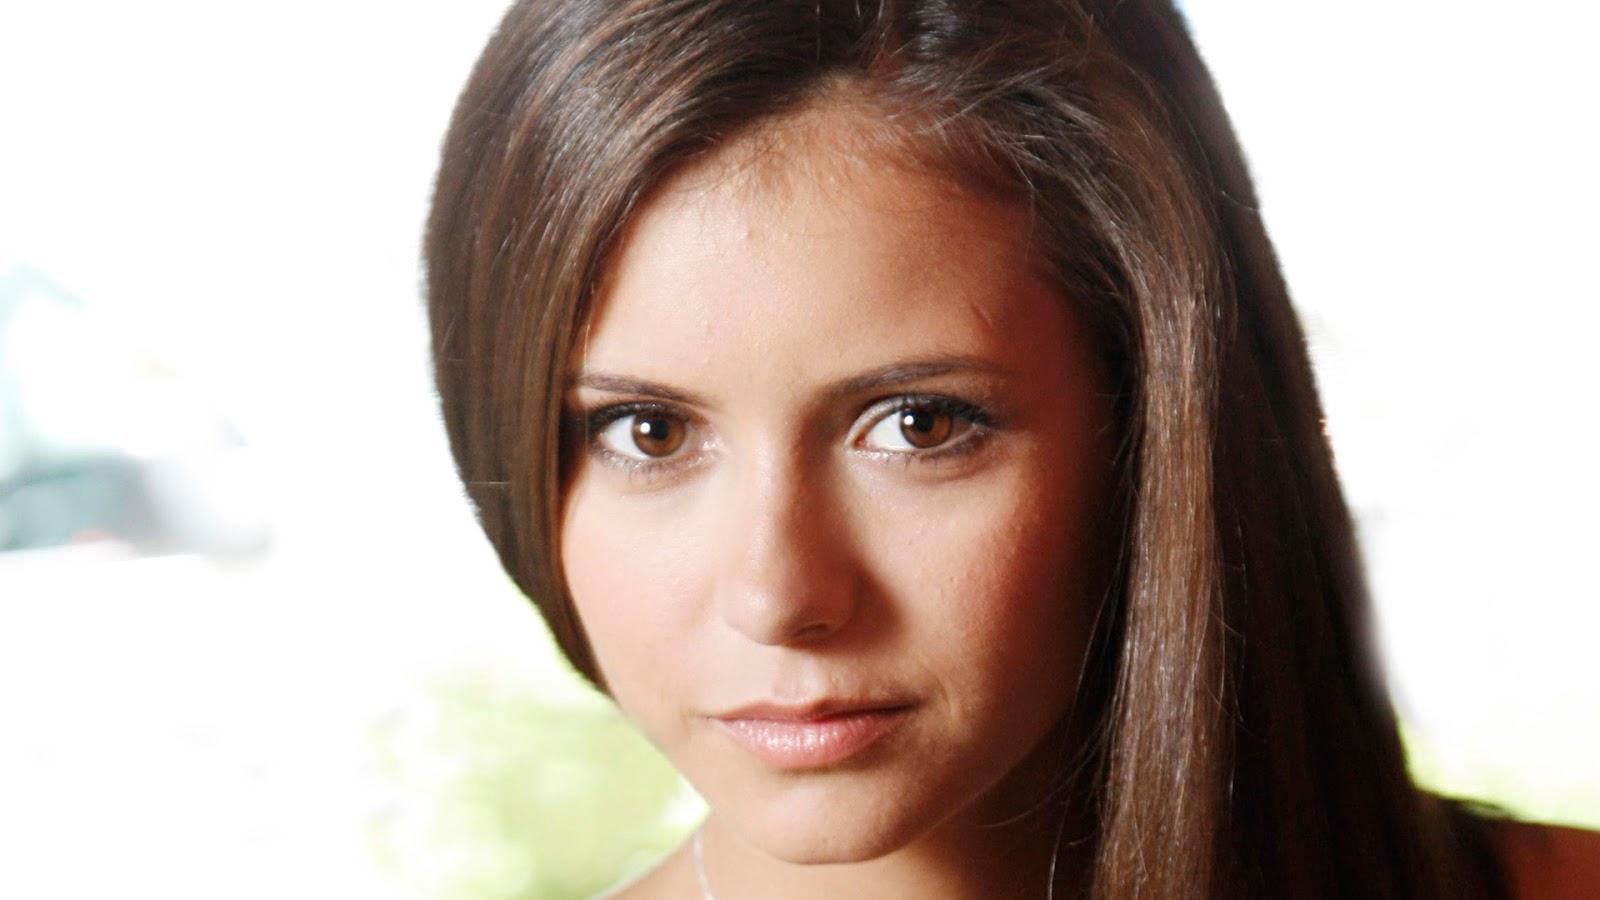 Nina Dobrev The Vampire Diaries Actress Hd Wallpaper  Hd -1355